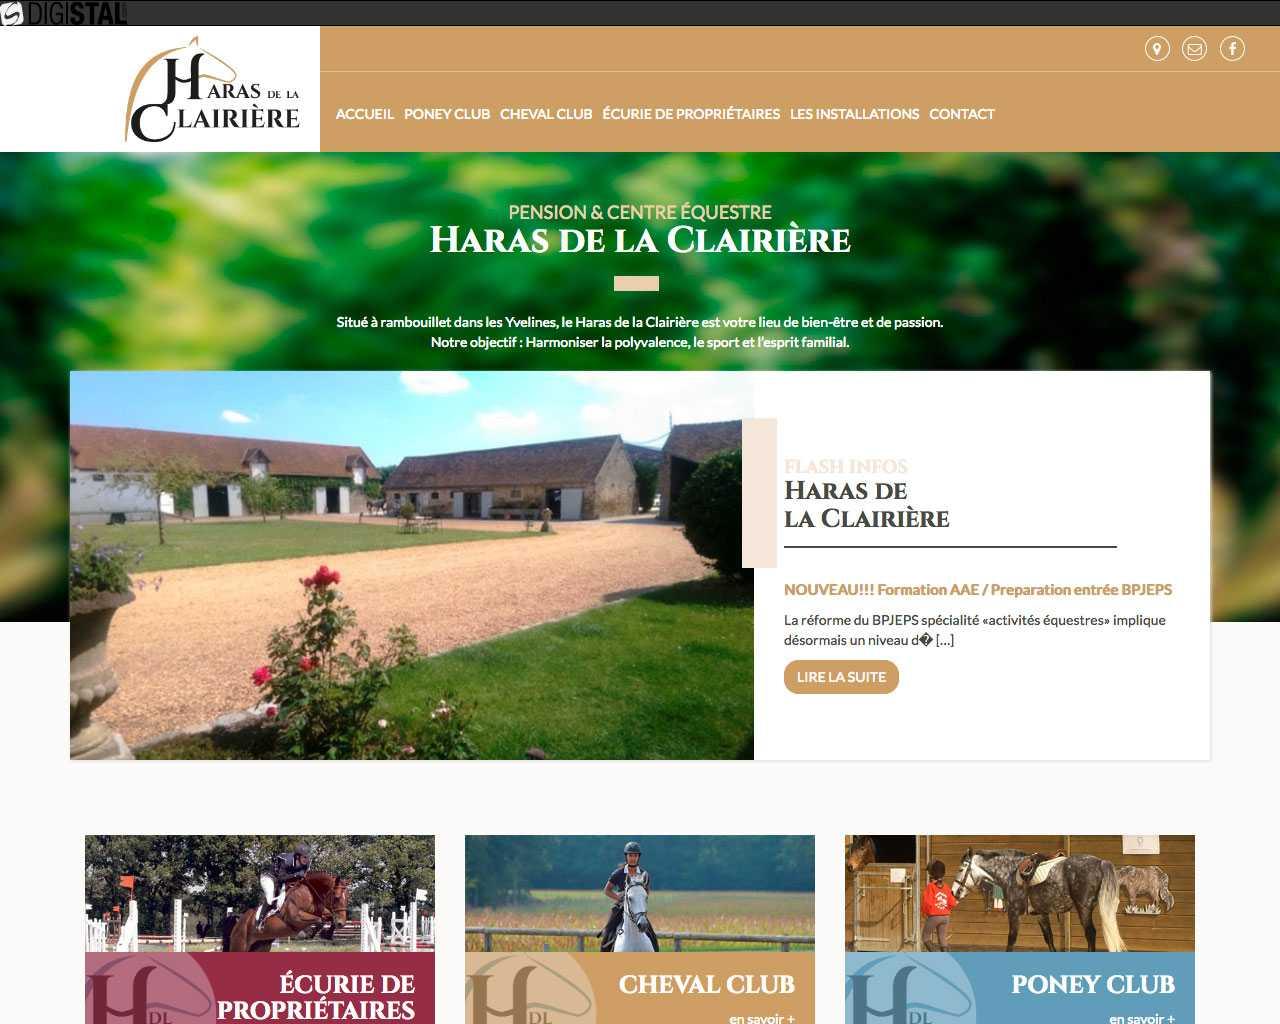 Visuel du site Haras de la Clairière